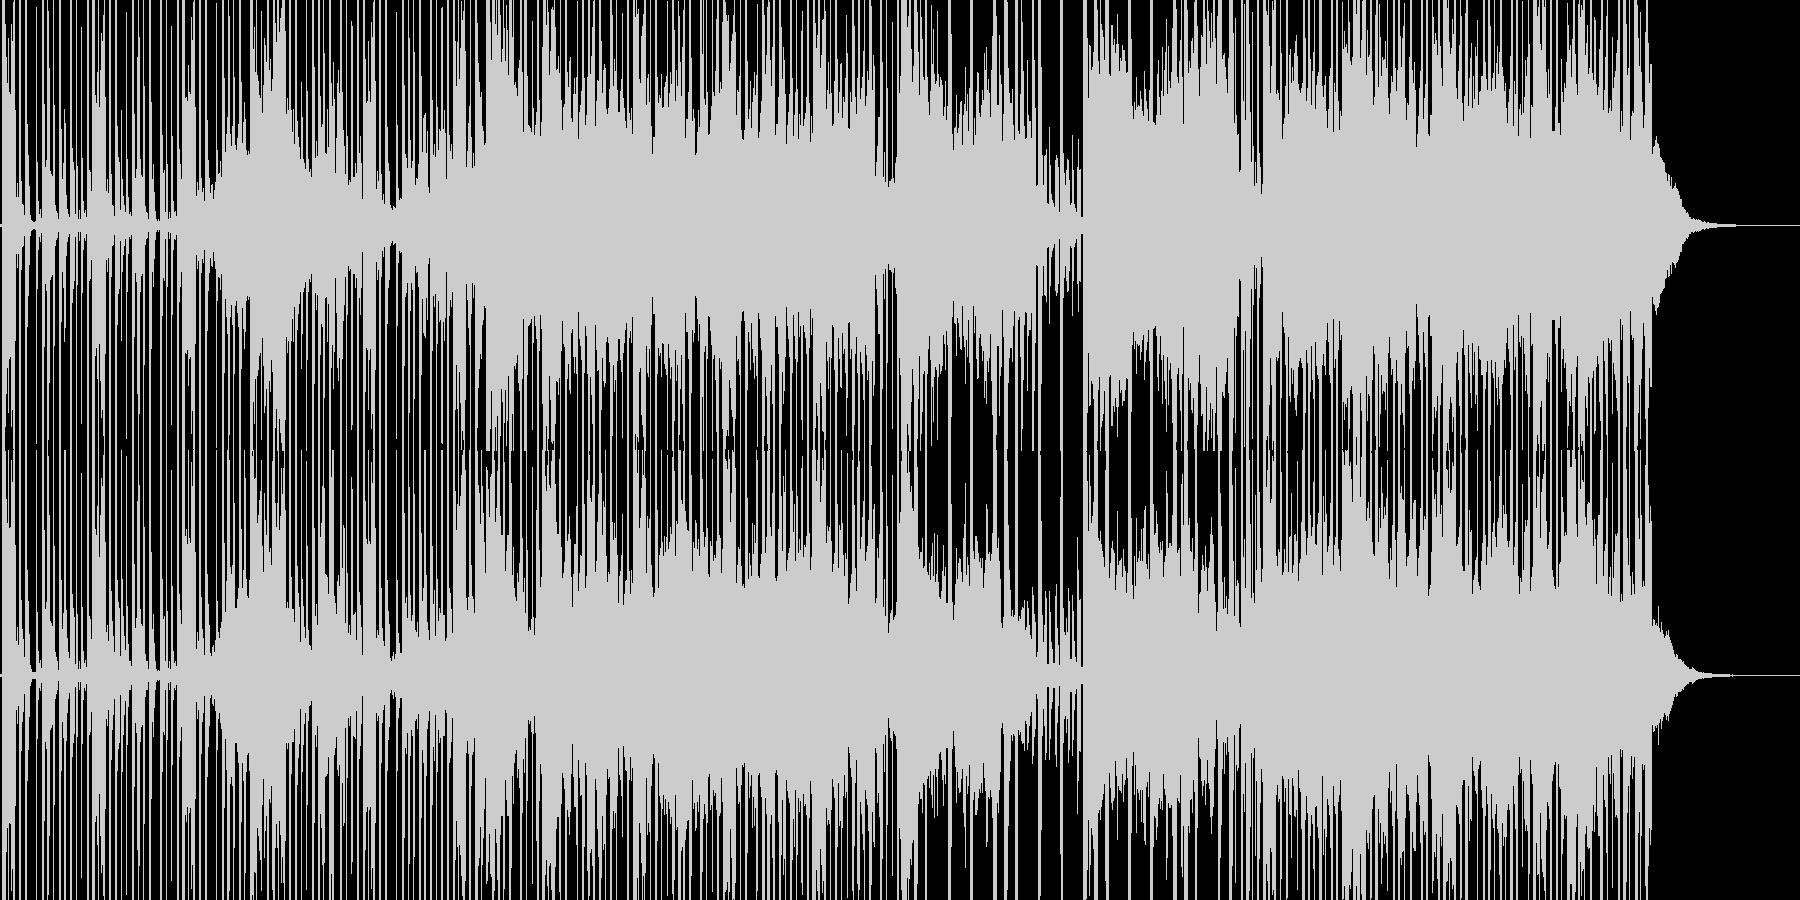 不思議な雰囲気のエレクトロニカの未再生の波形